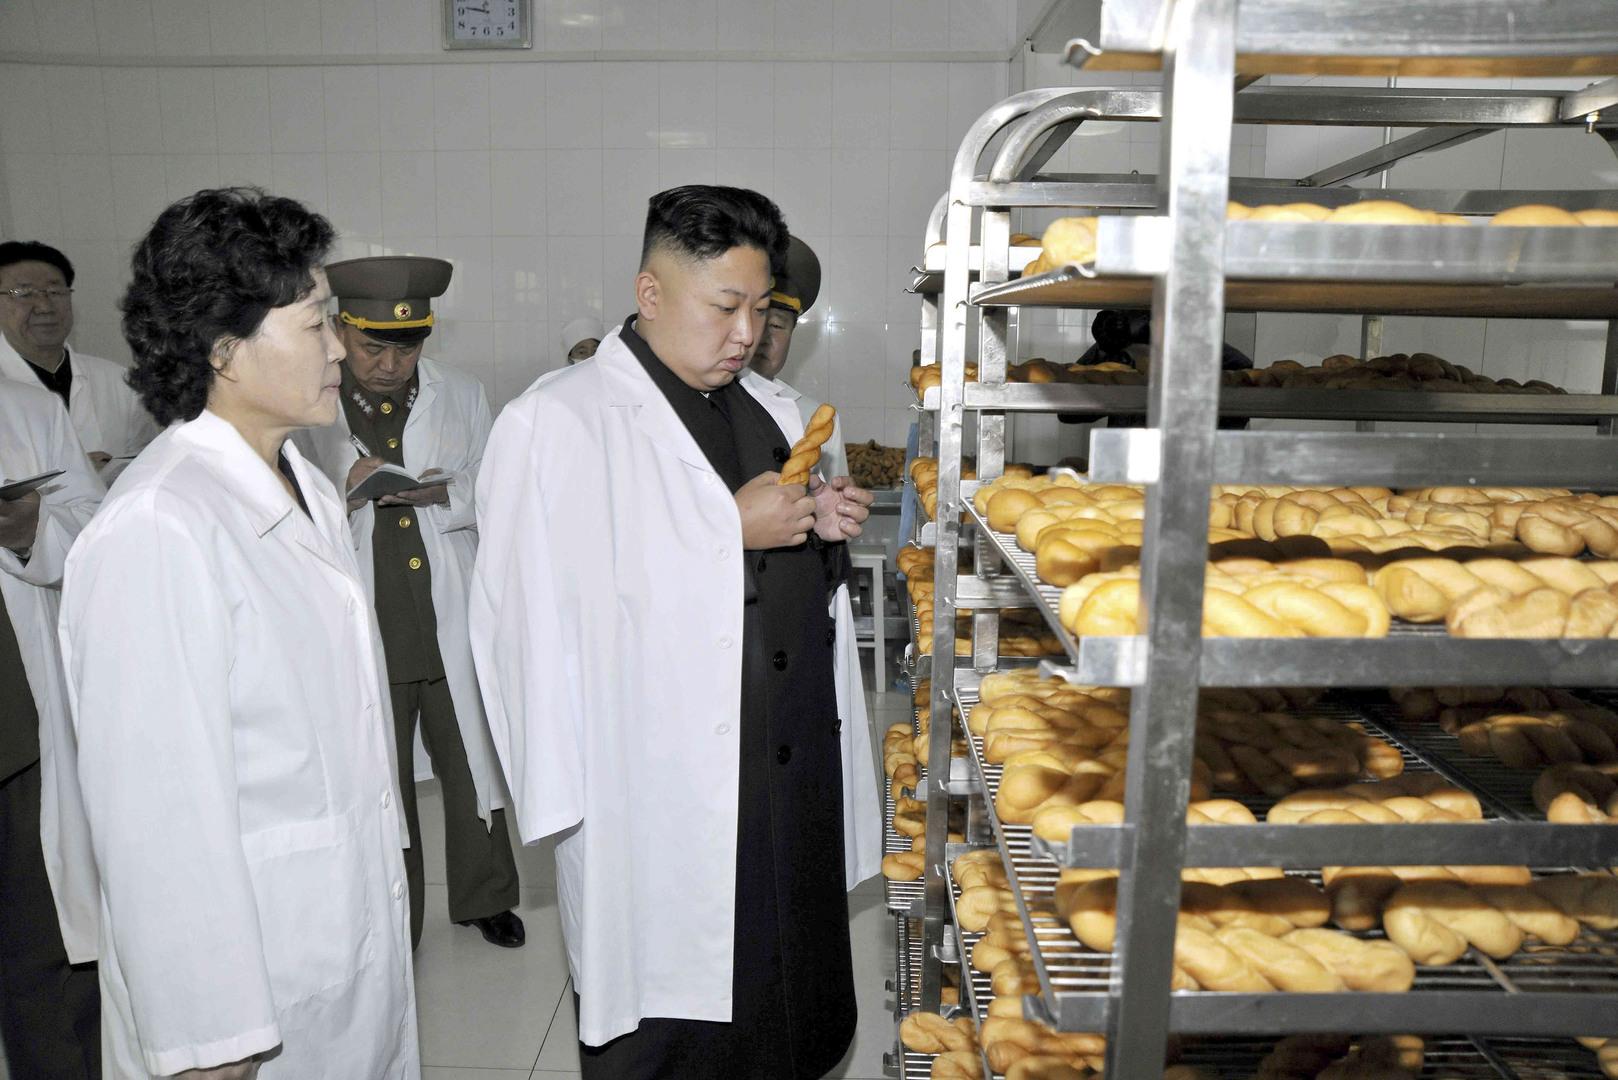 زعيم كوريا الشمالية يتفقد مصنعا للمواد الغذائية، صورة من الأرشيف